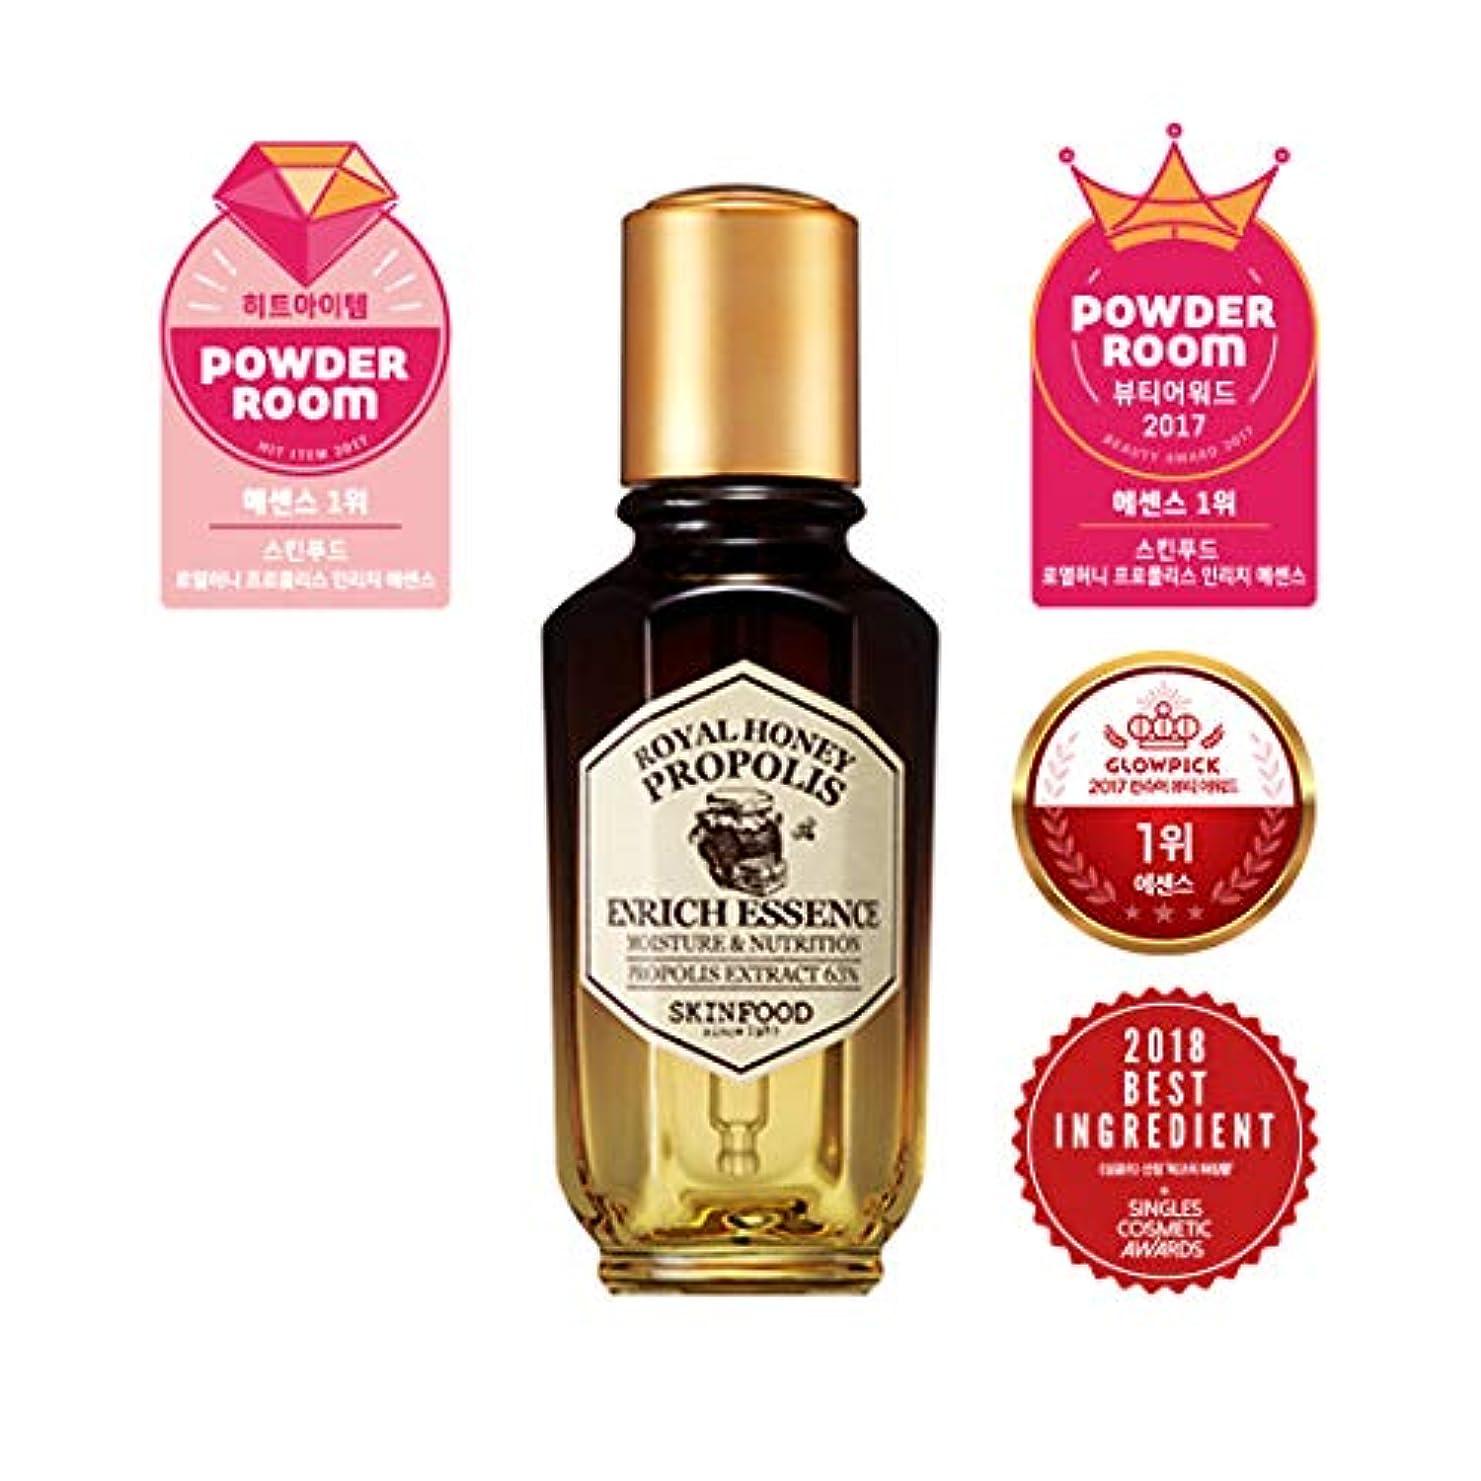 悔い改め定説過ちSkinfood ロイヤルハニープロポリスエンリッチエッセンス/Royal Honey Propolis Enrich Essence 50ml [並行輸入品]